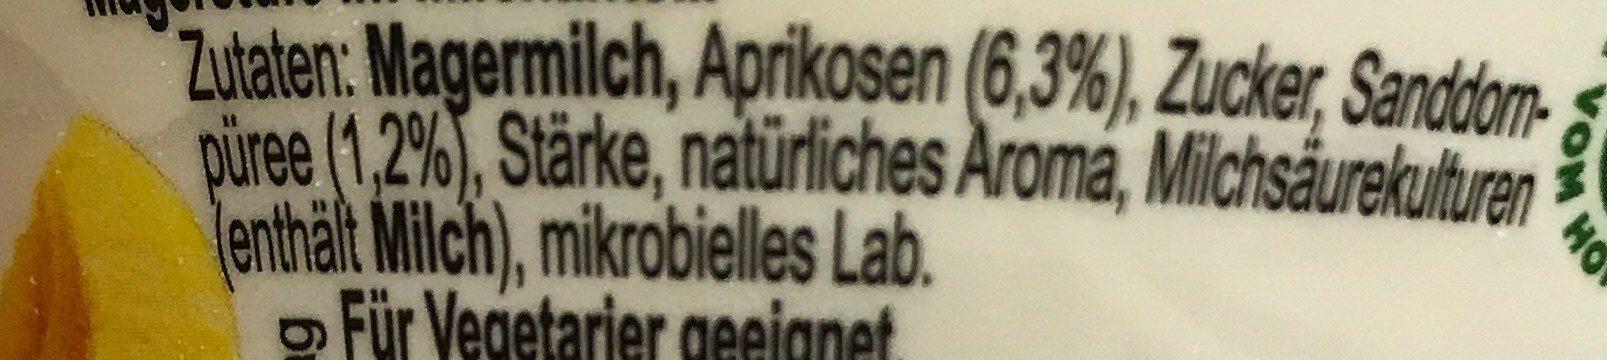 Skyr Aprikose-Sanddornbeere - Ingrédients